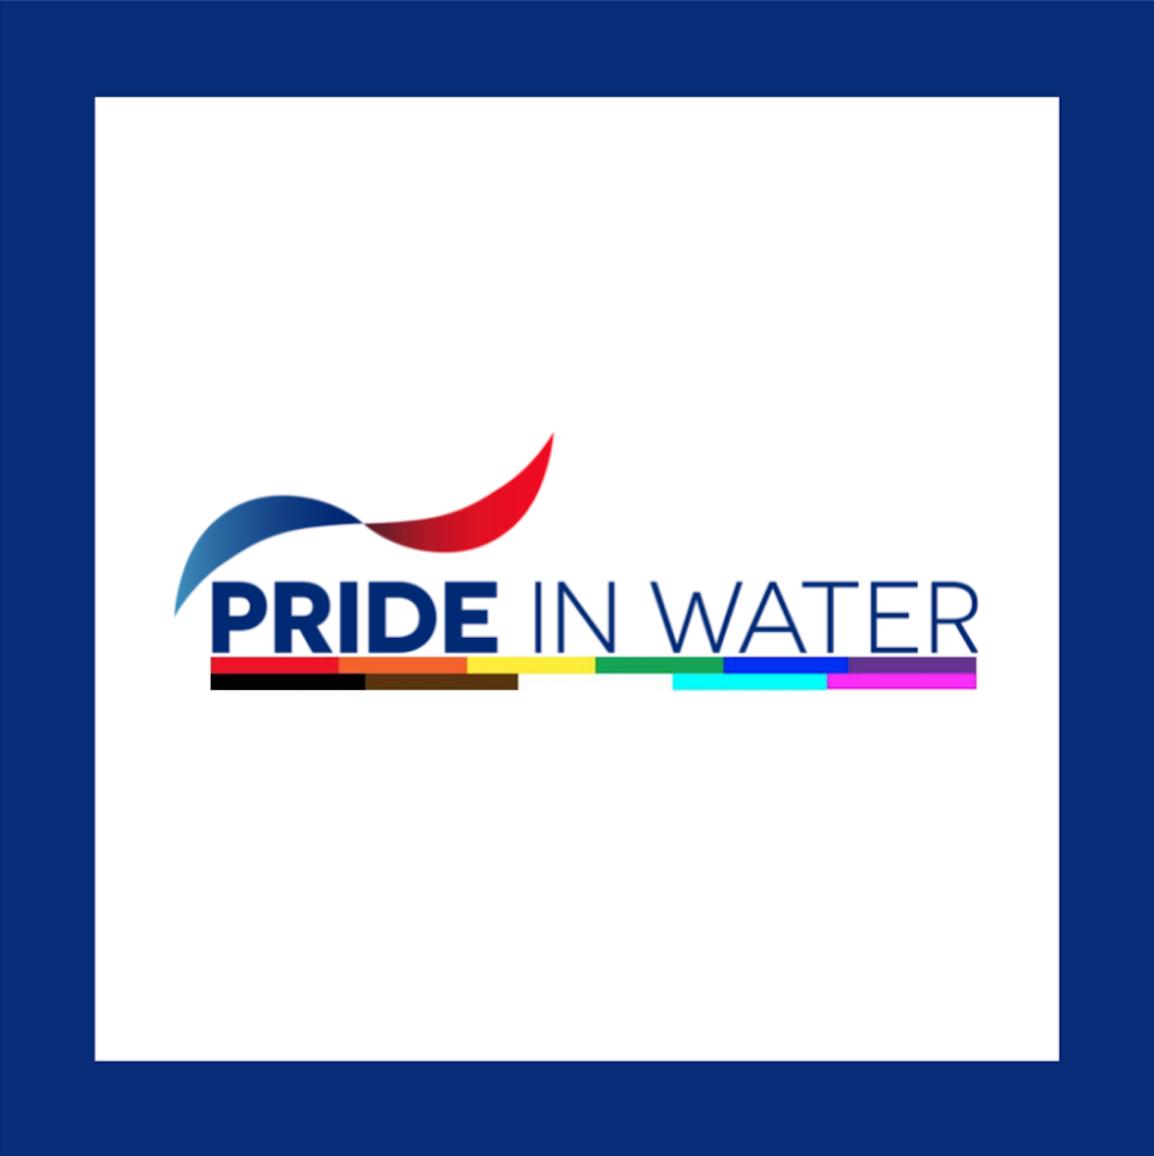 Pride in Water